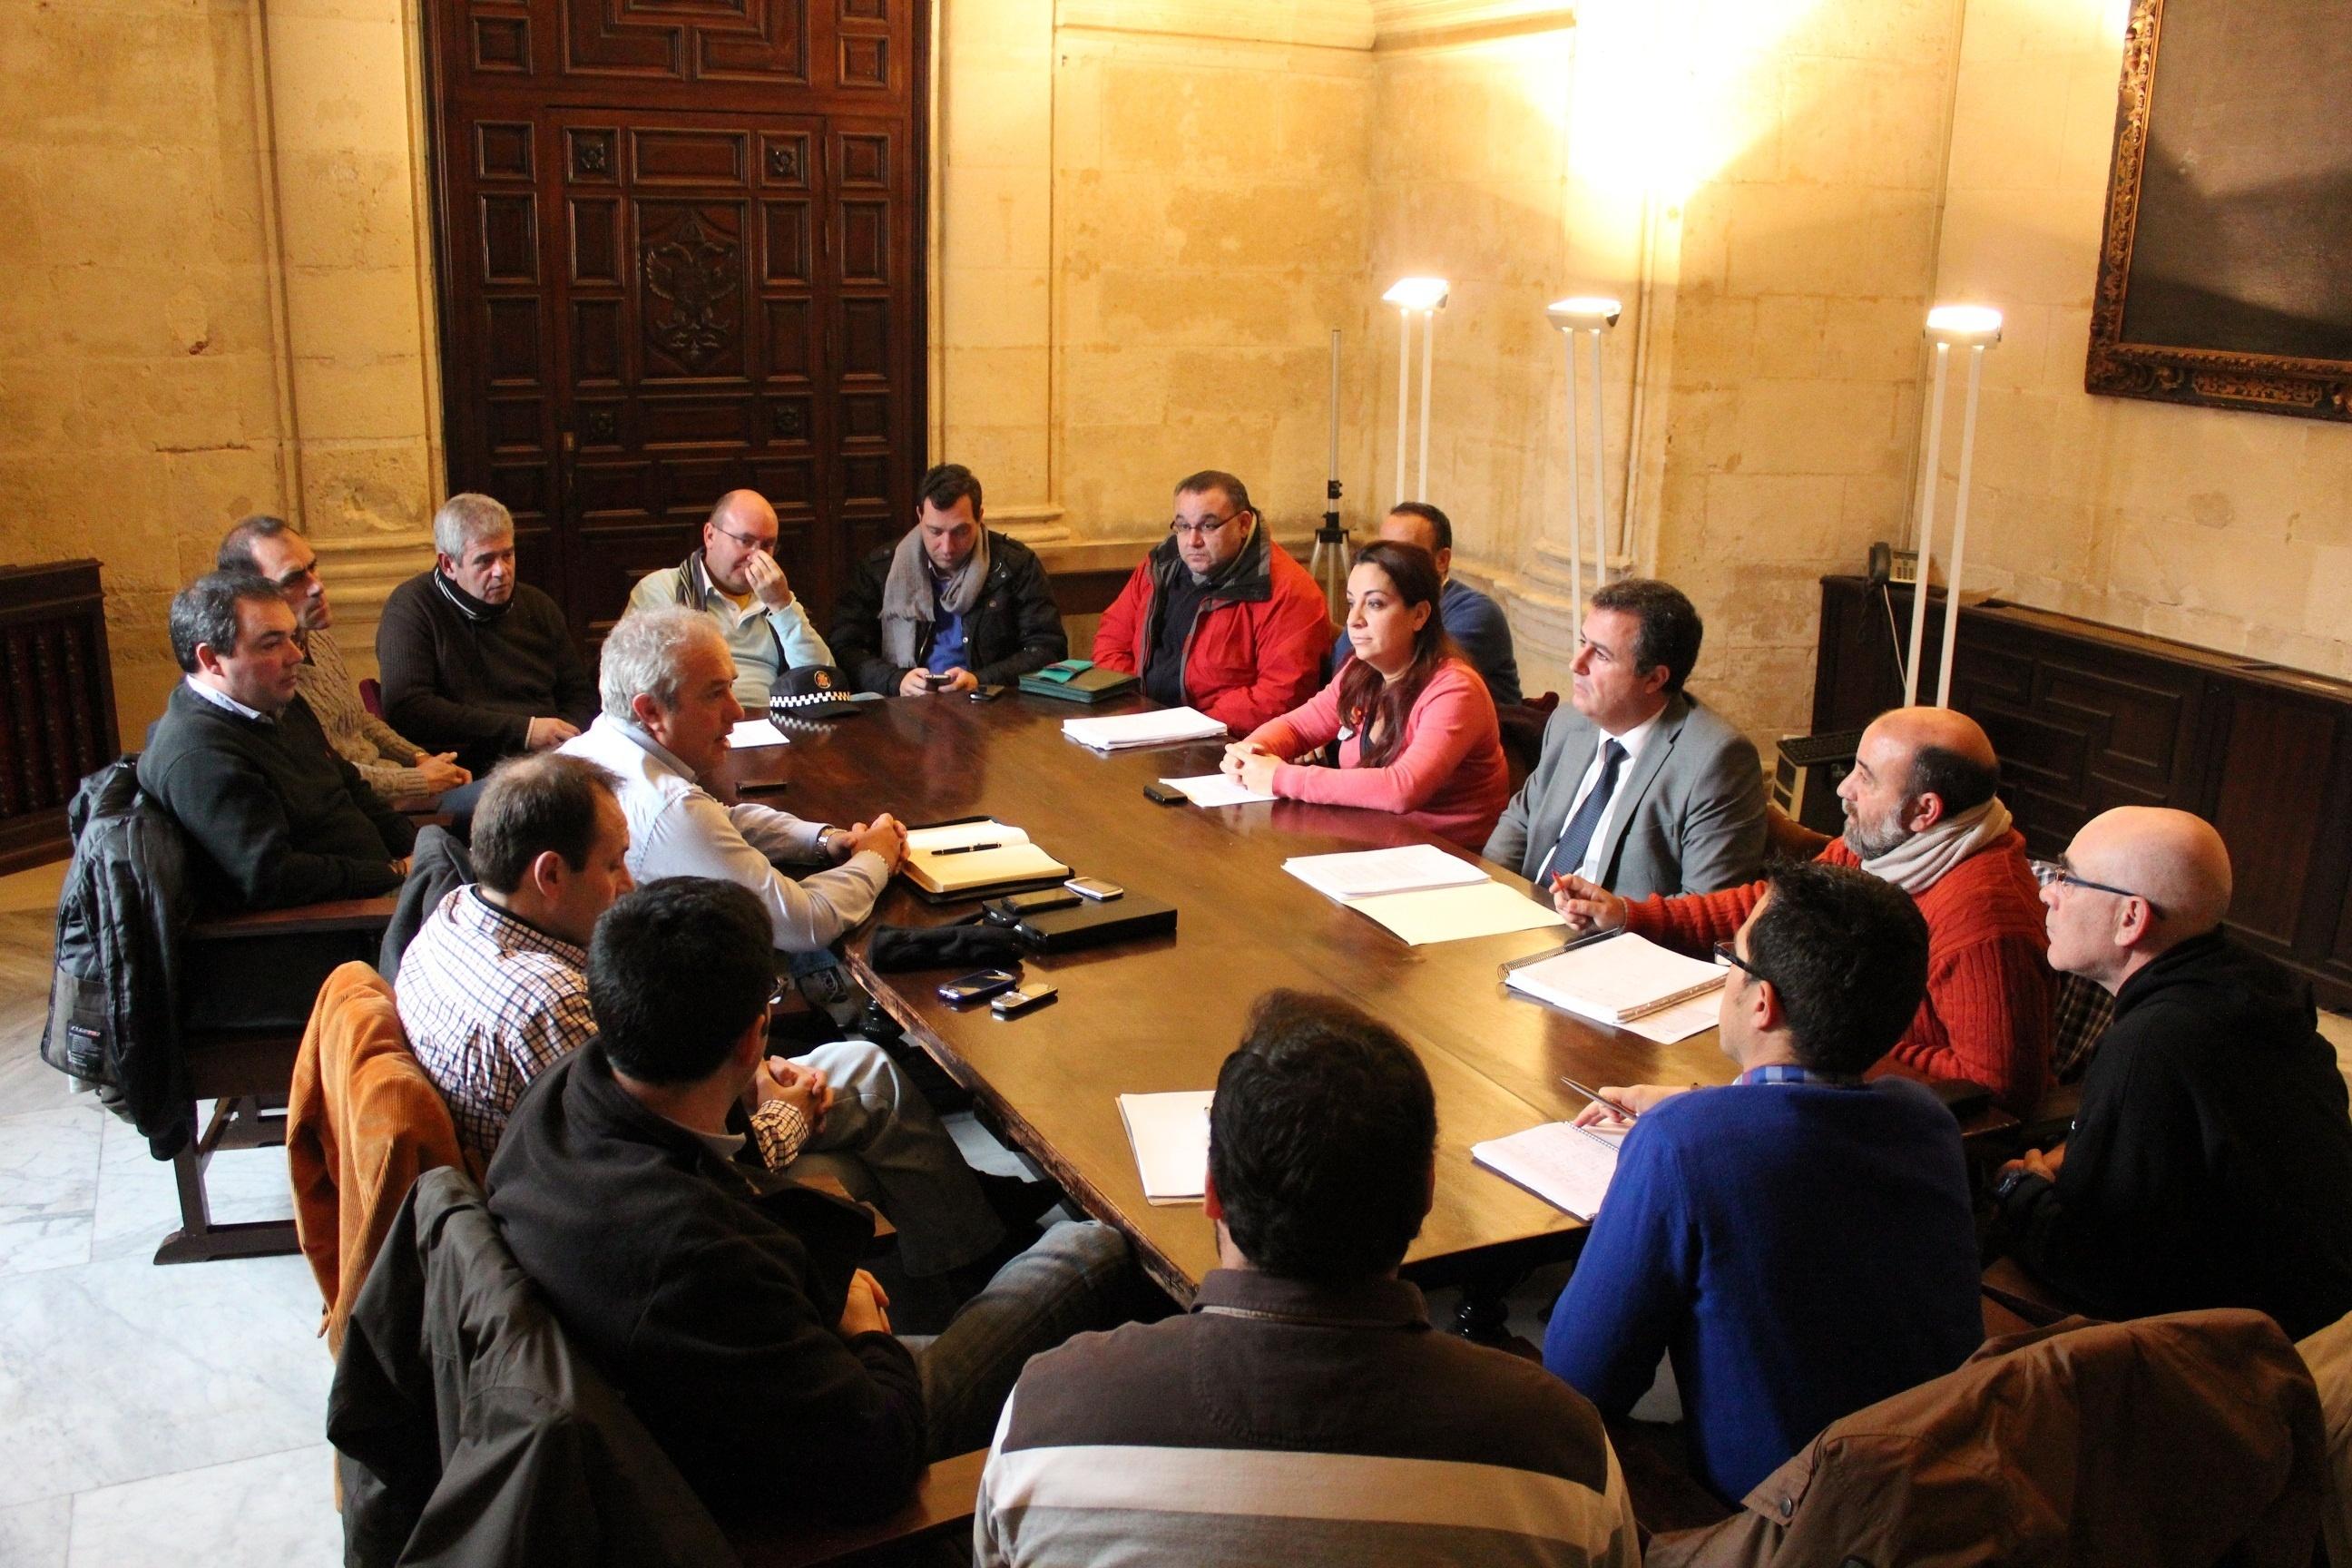 PSOE crea un «frente común» con sindicatos municipales en defensa de servicios públicos y derechos laborales